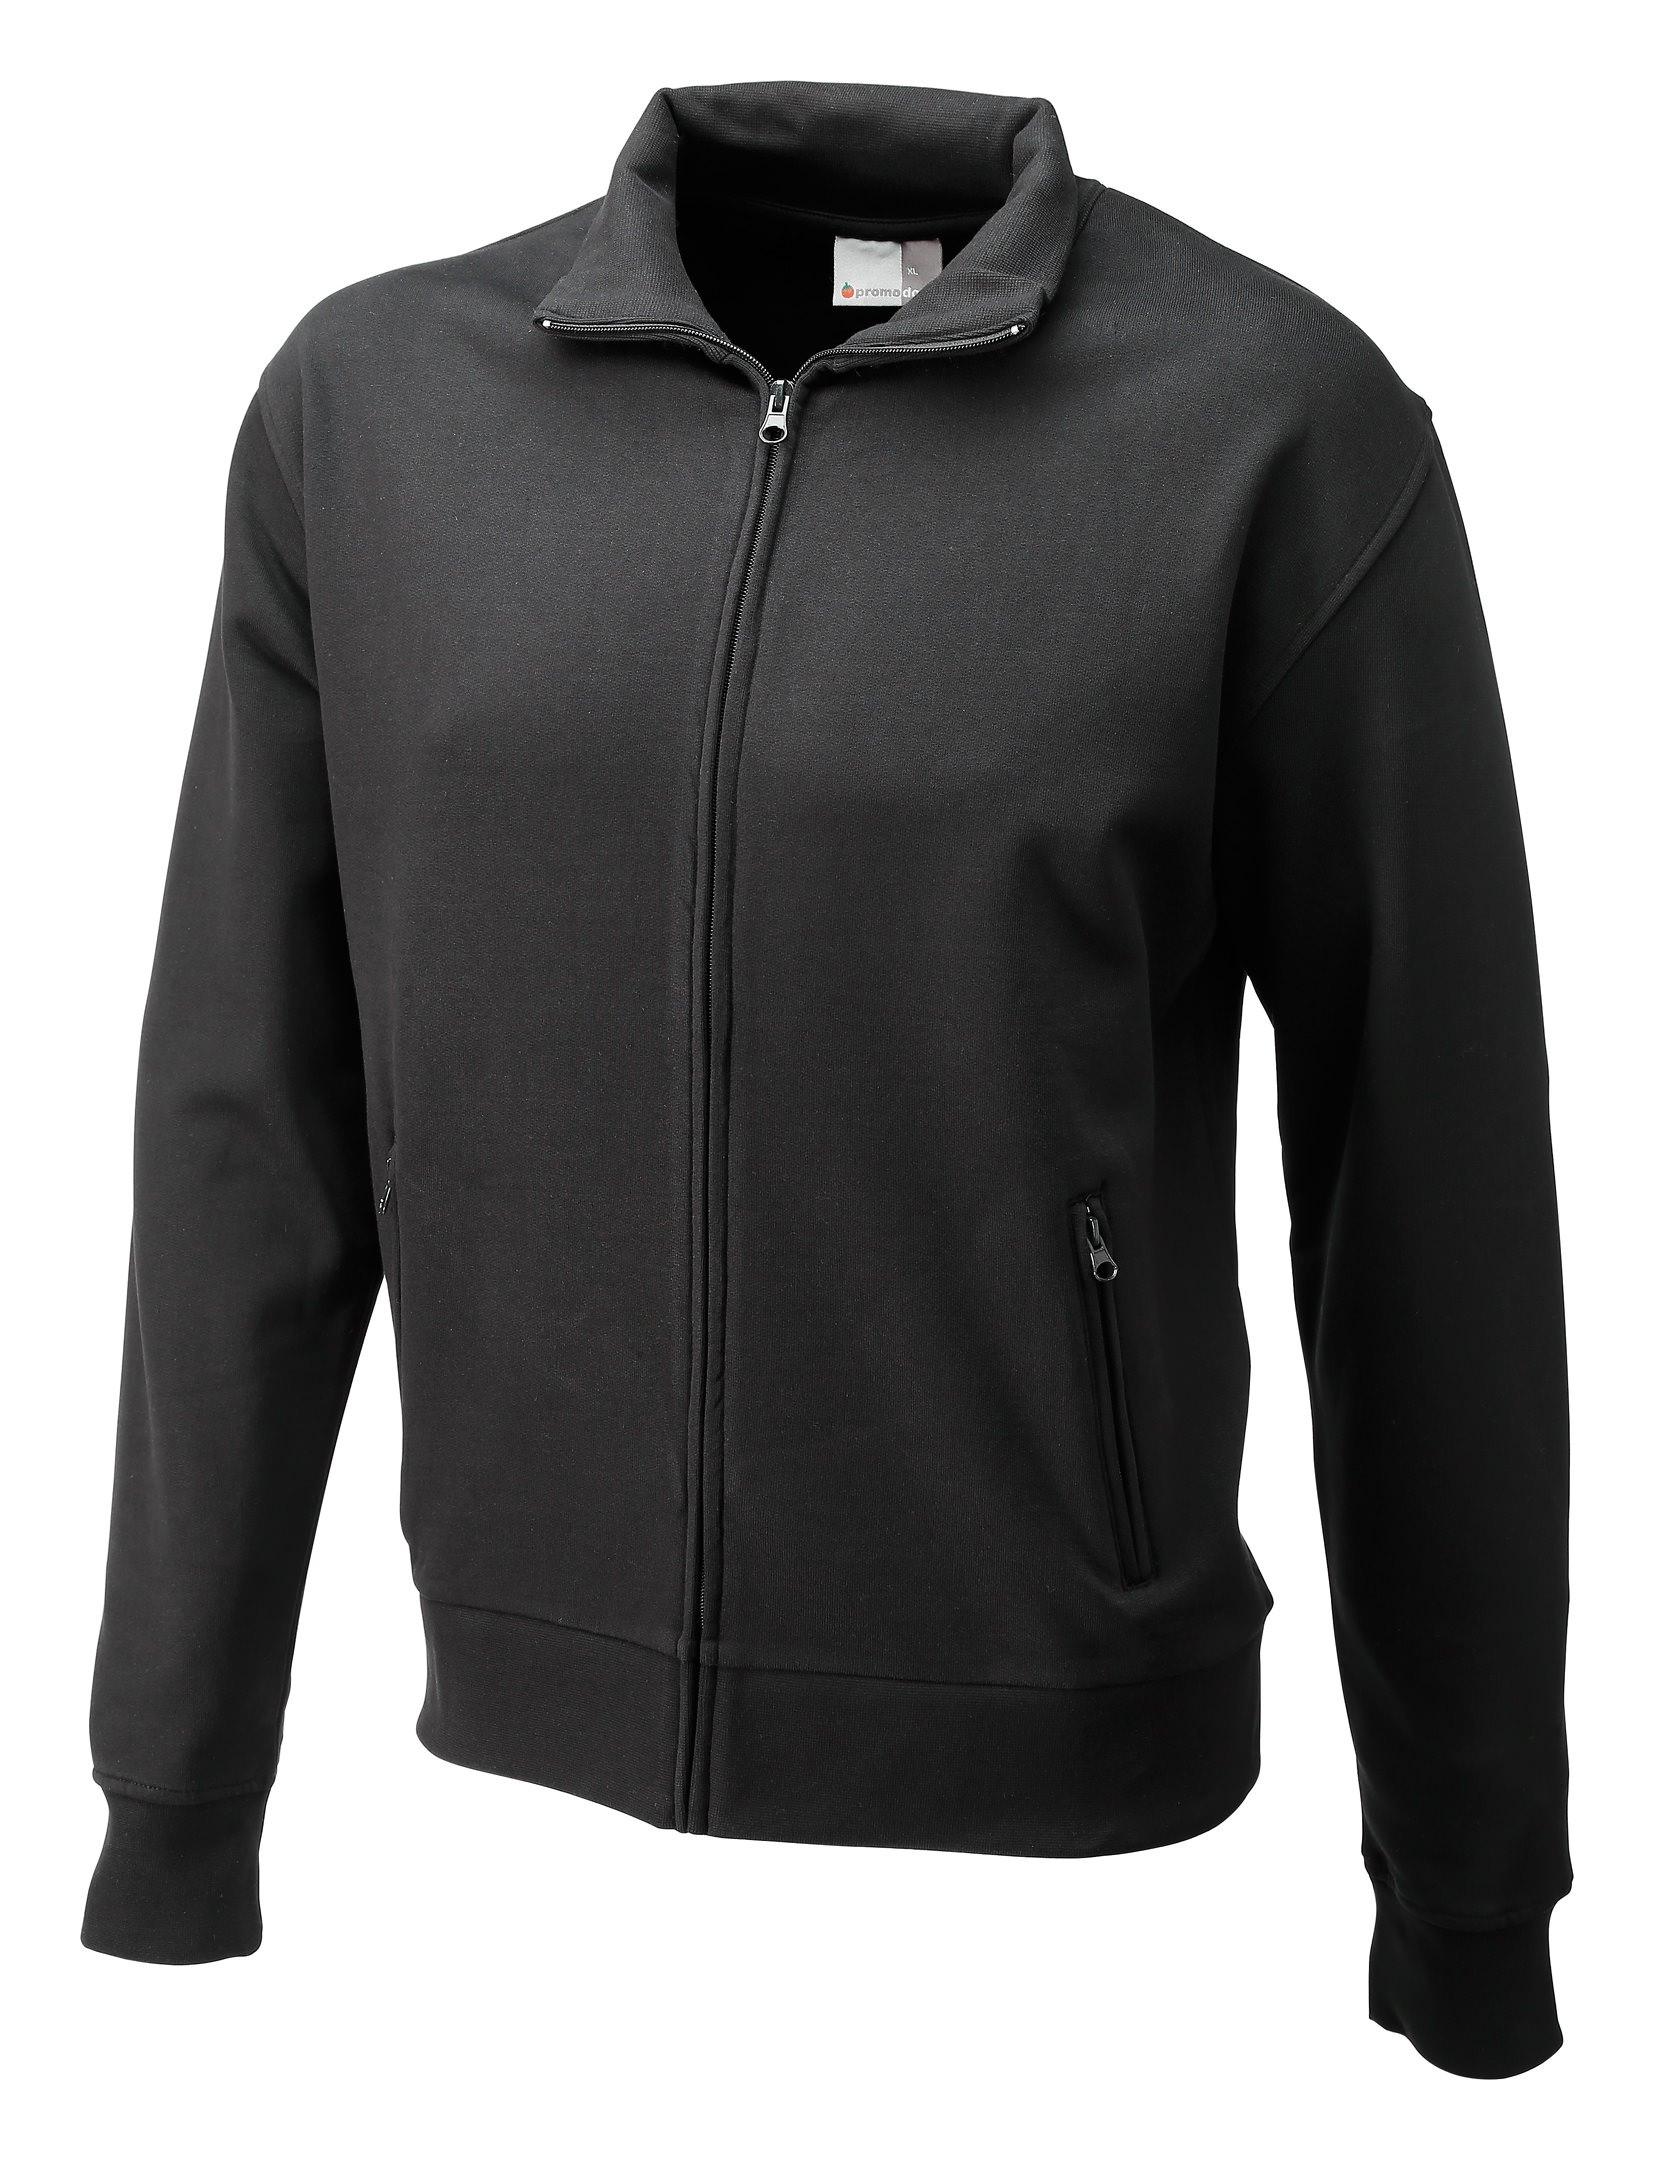 Sweatshirtjacke Größe M schwarz - 5290F-9D-M